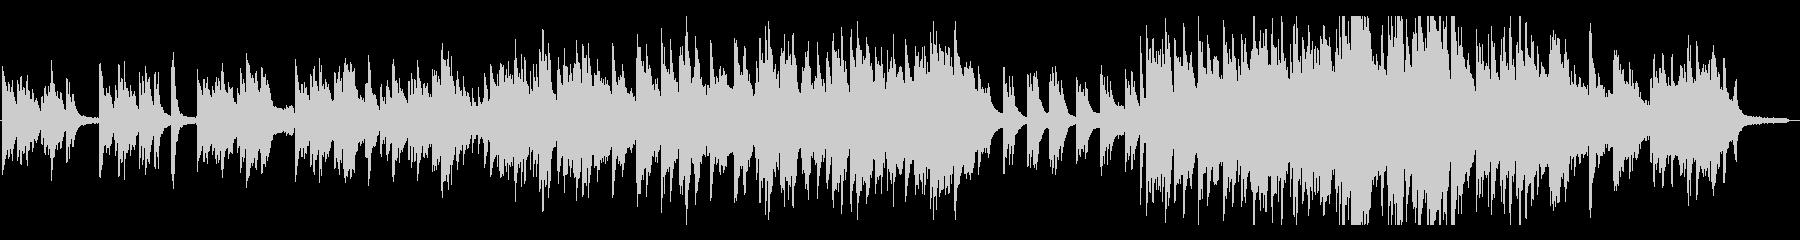 スタイリッシュなピアノ&フルート♪の未再生の波形